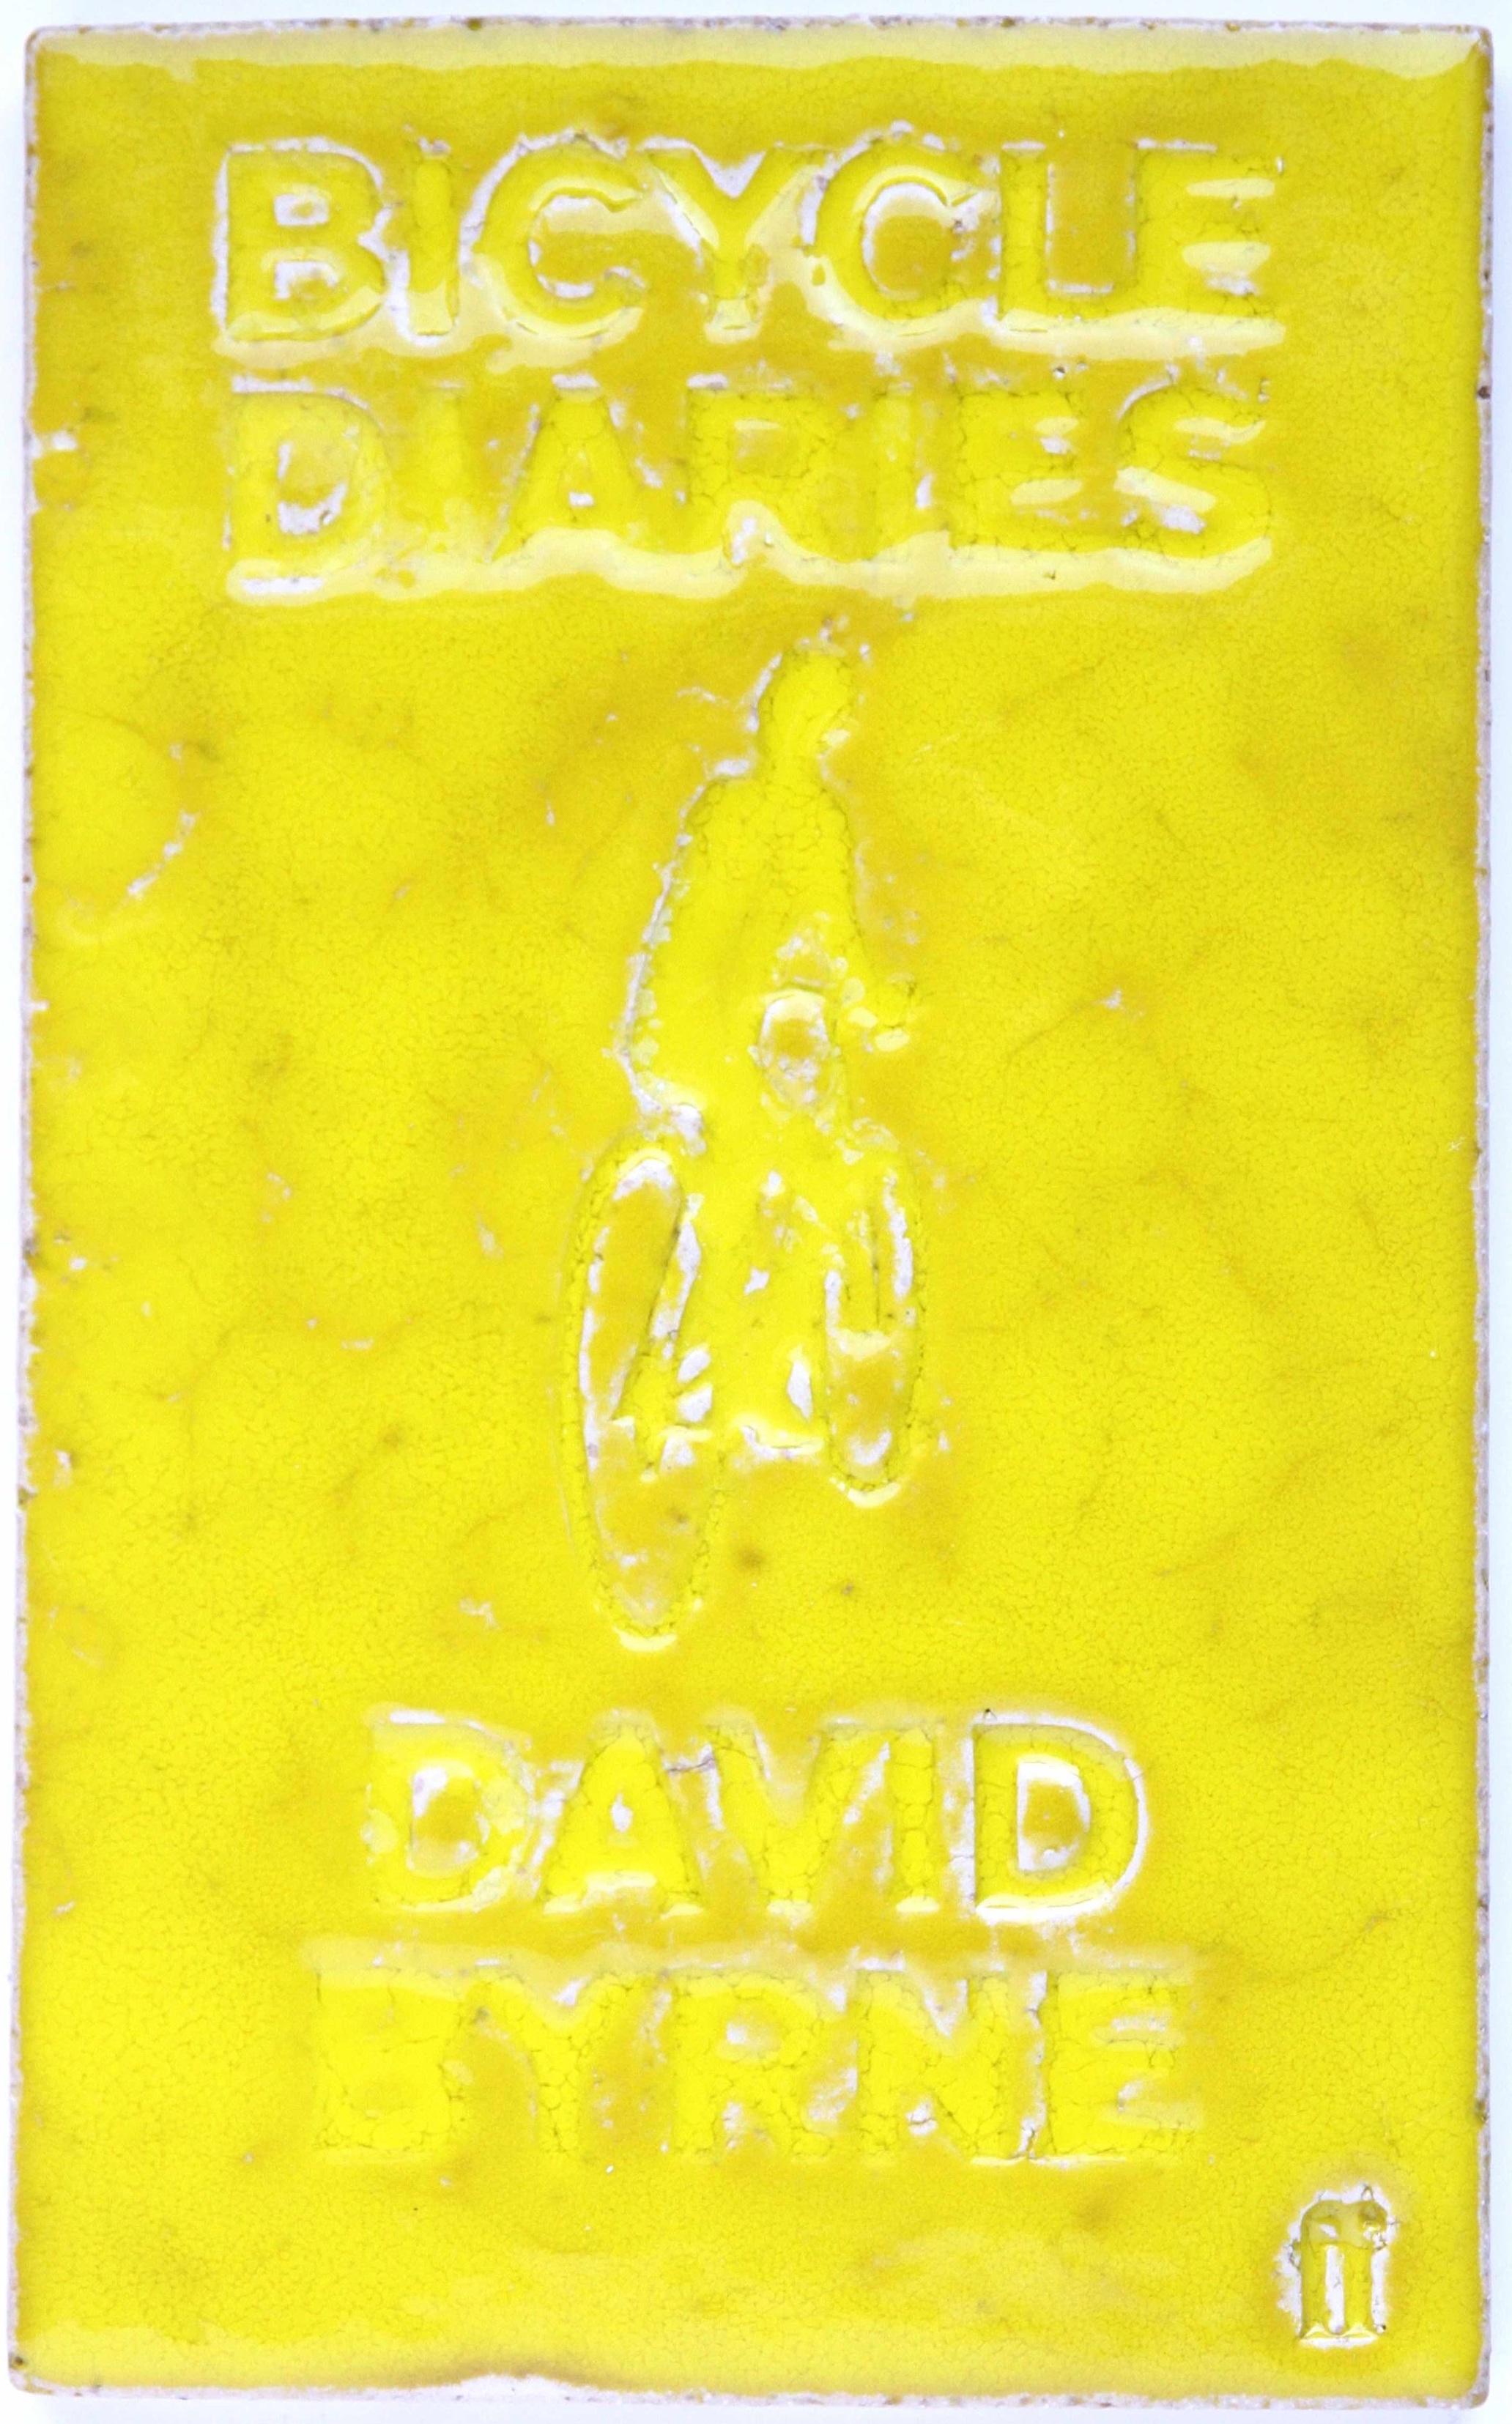 Bicycle+Diaries+2.jpg